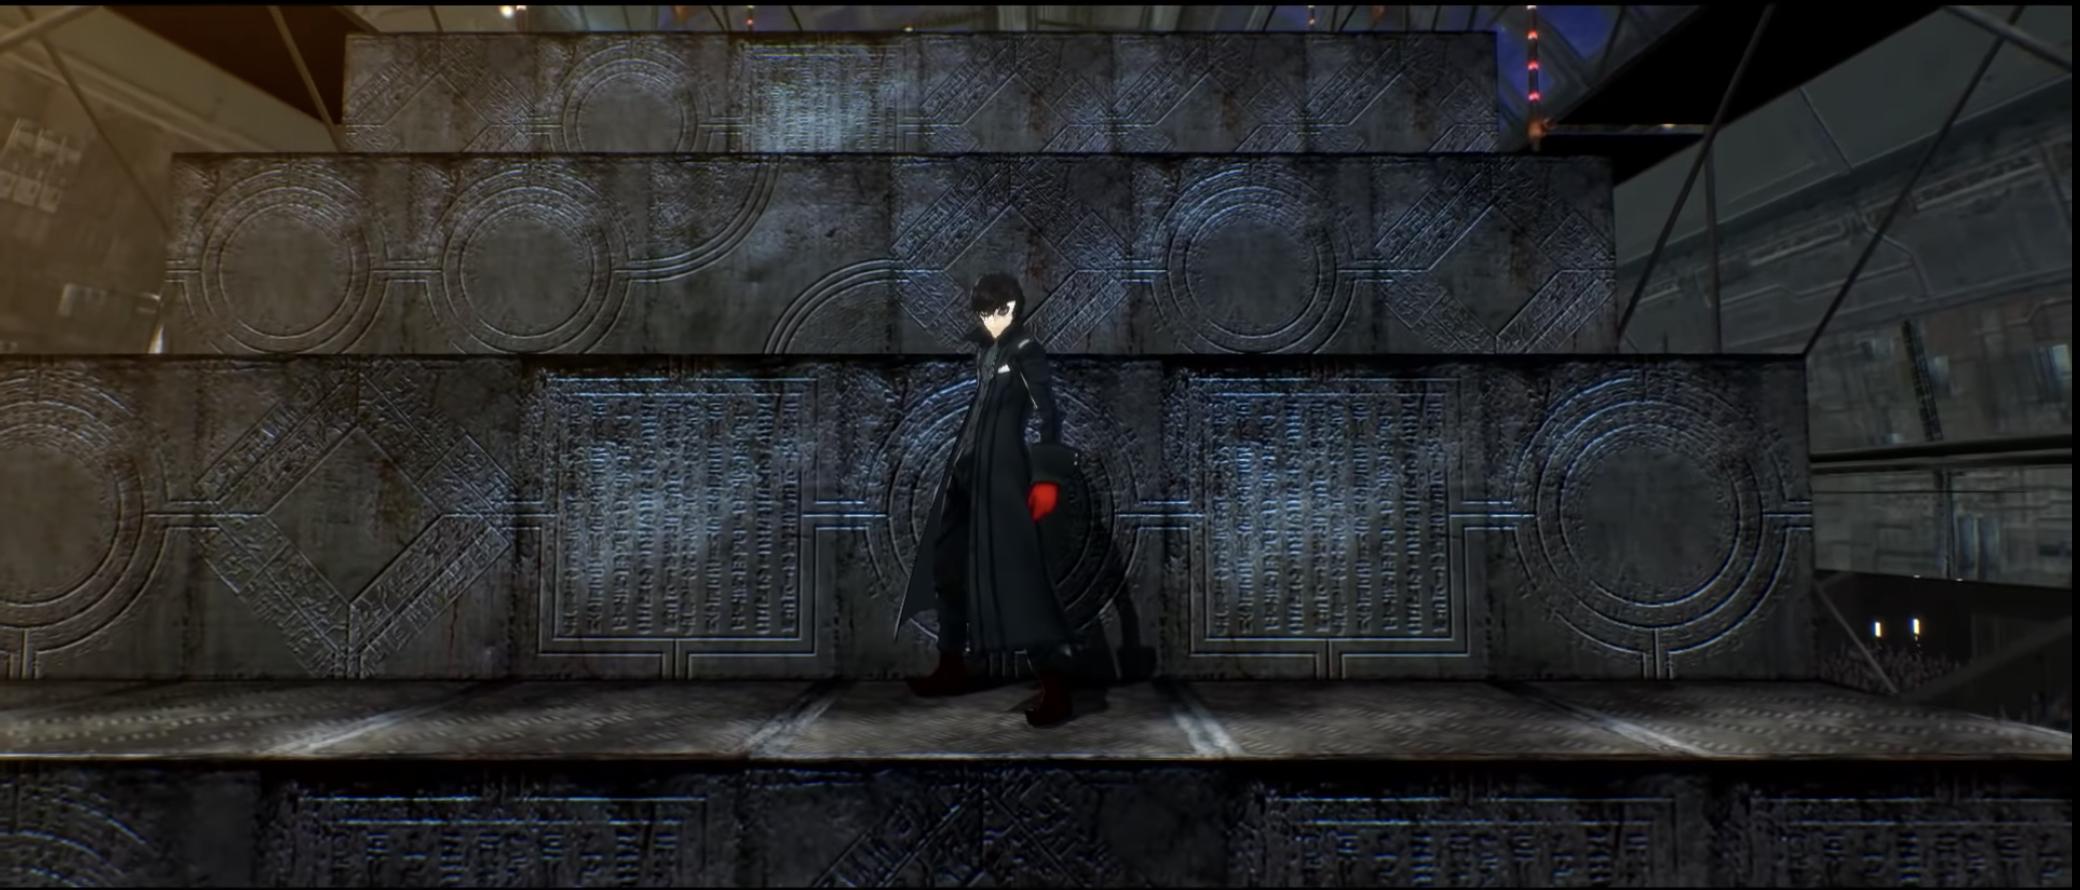 Joker from Persona 5 in Catherine: Full Body